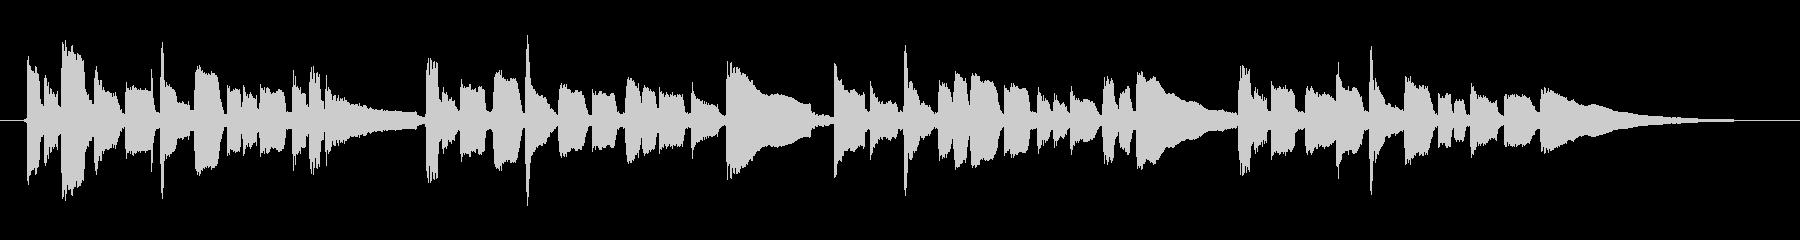 童謡 こいのぼり 鯉のぼり アコギ 5月の未再生の波形